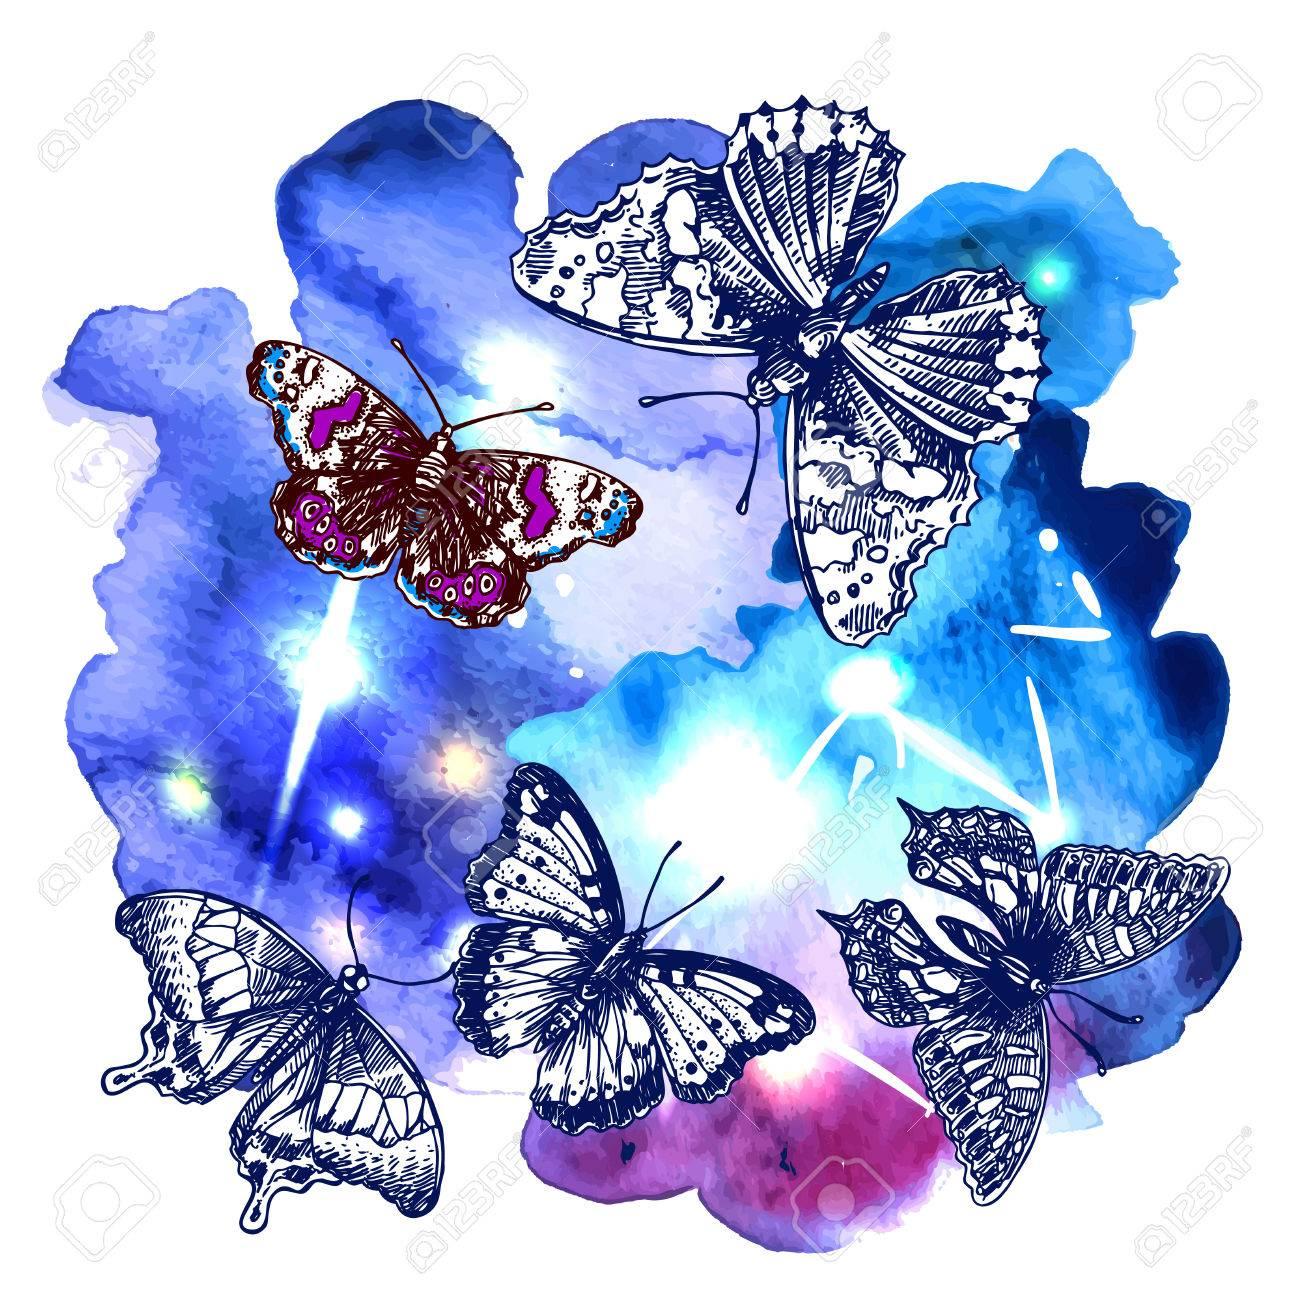 Ilustración Dibujo De Mariposa En El Fondo De La Acuarela Espacio